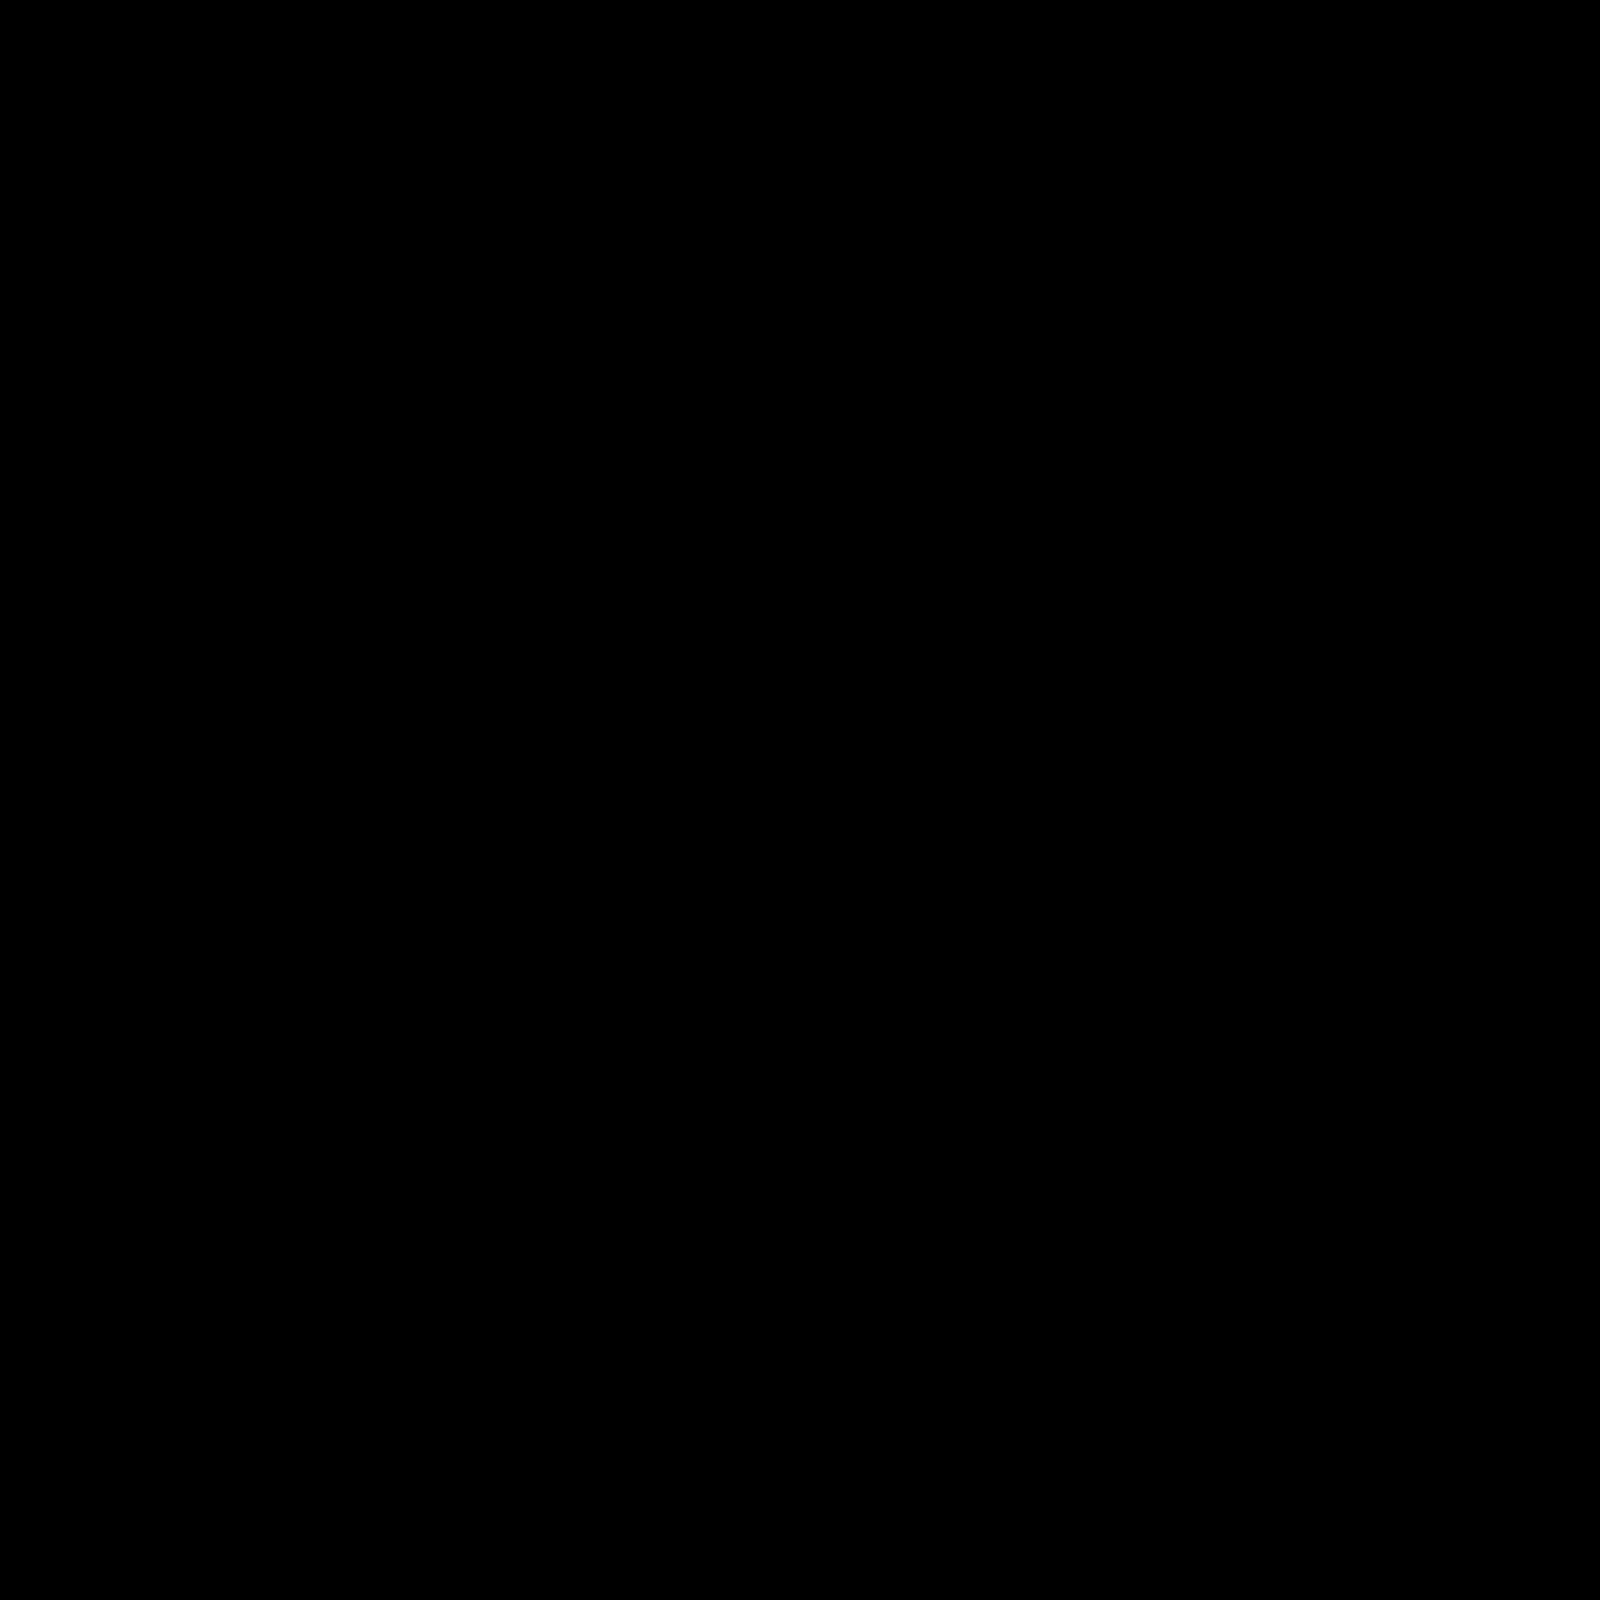 Router Cisco icon